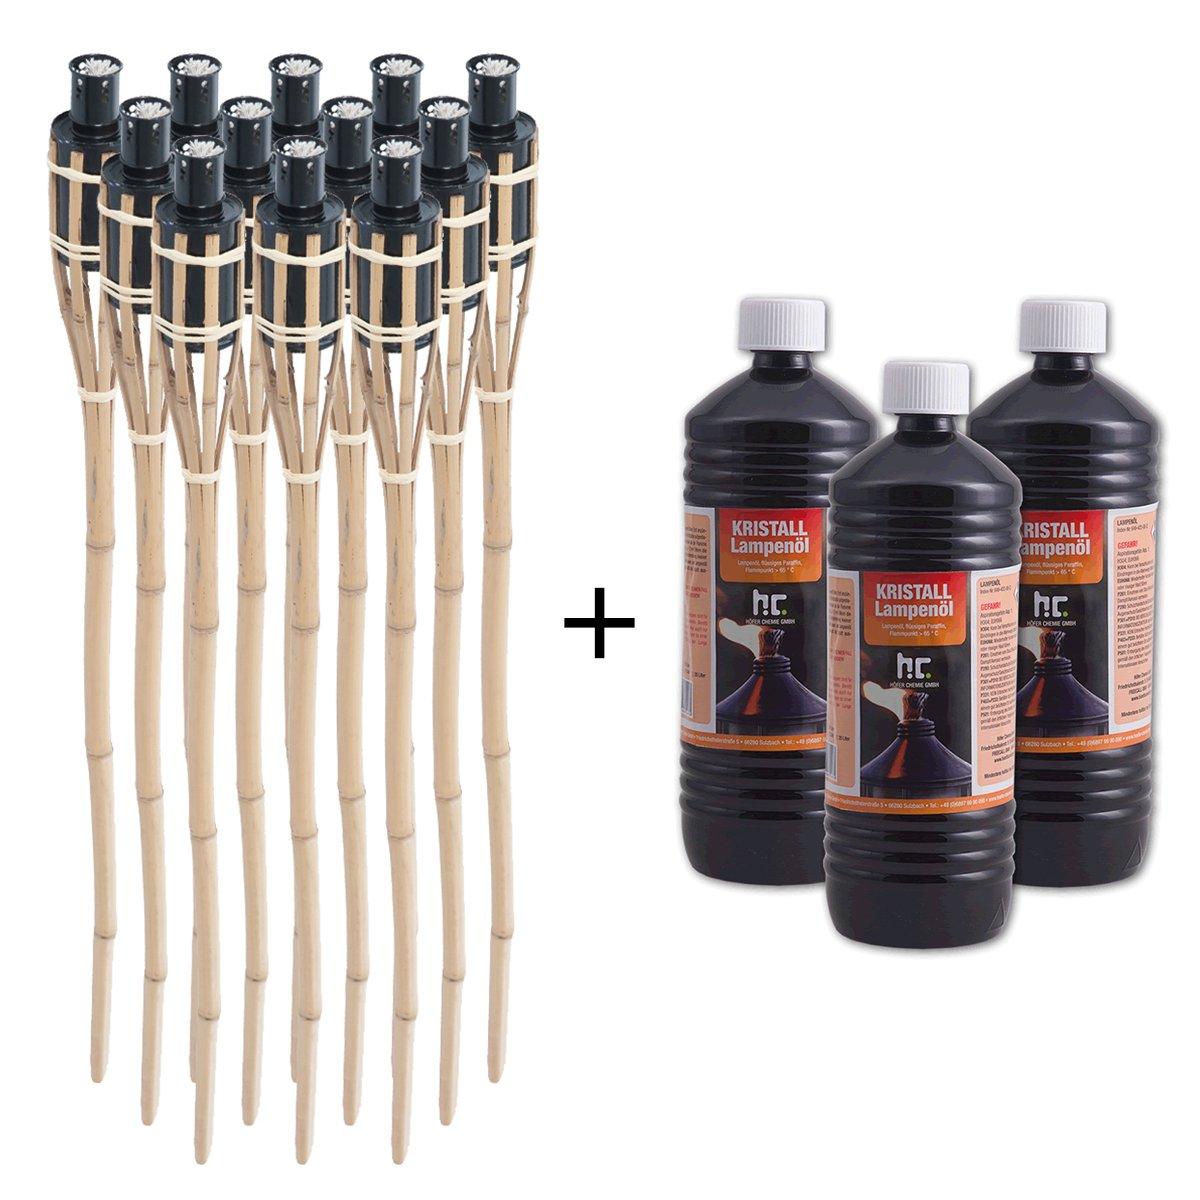 DXP Lot De 12 Bambou Torches 90cm Torche De Jardin En Bambou Party Avec 3 X 1 L Huile